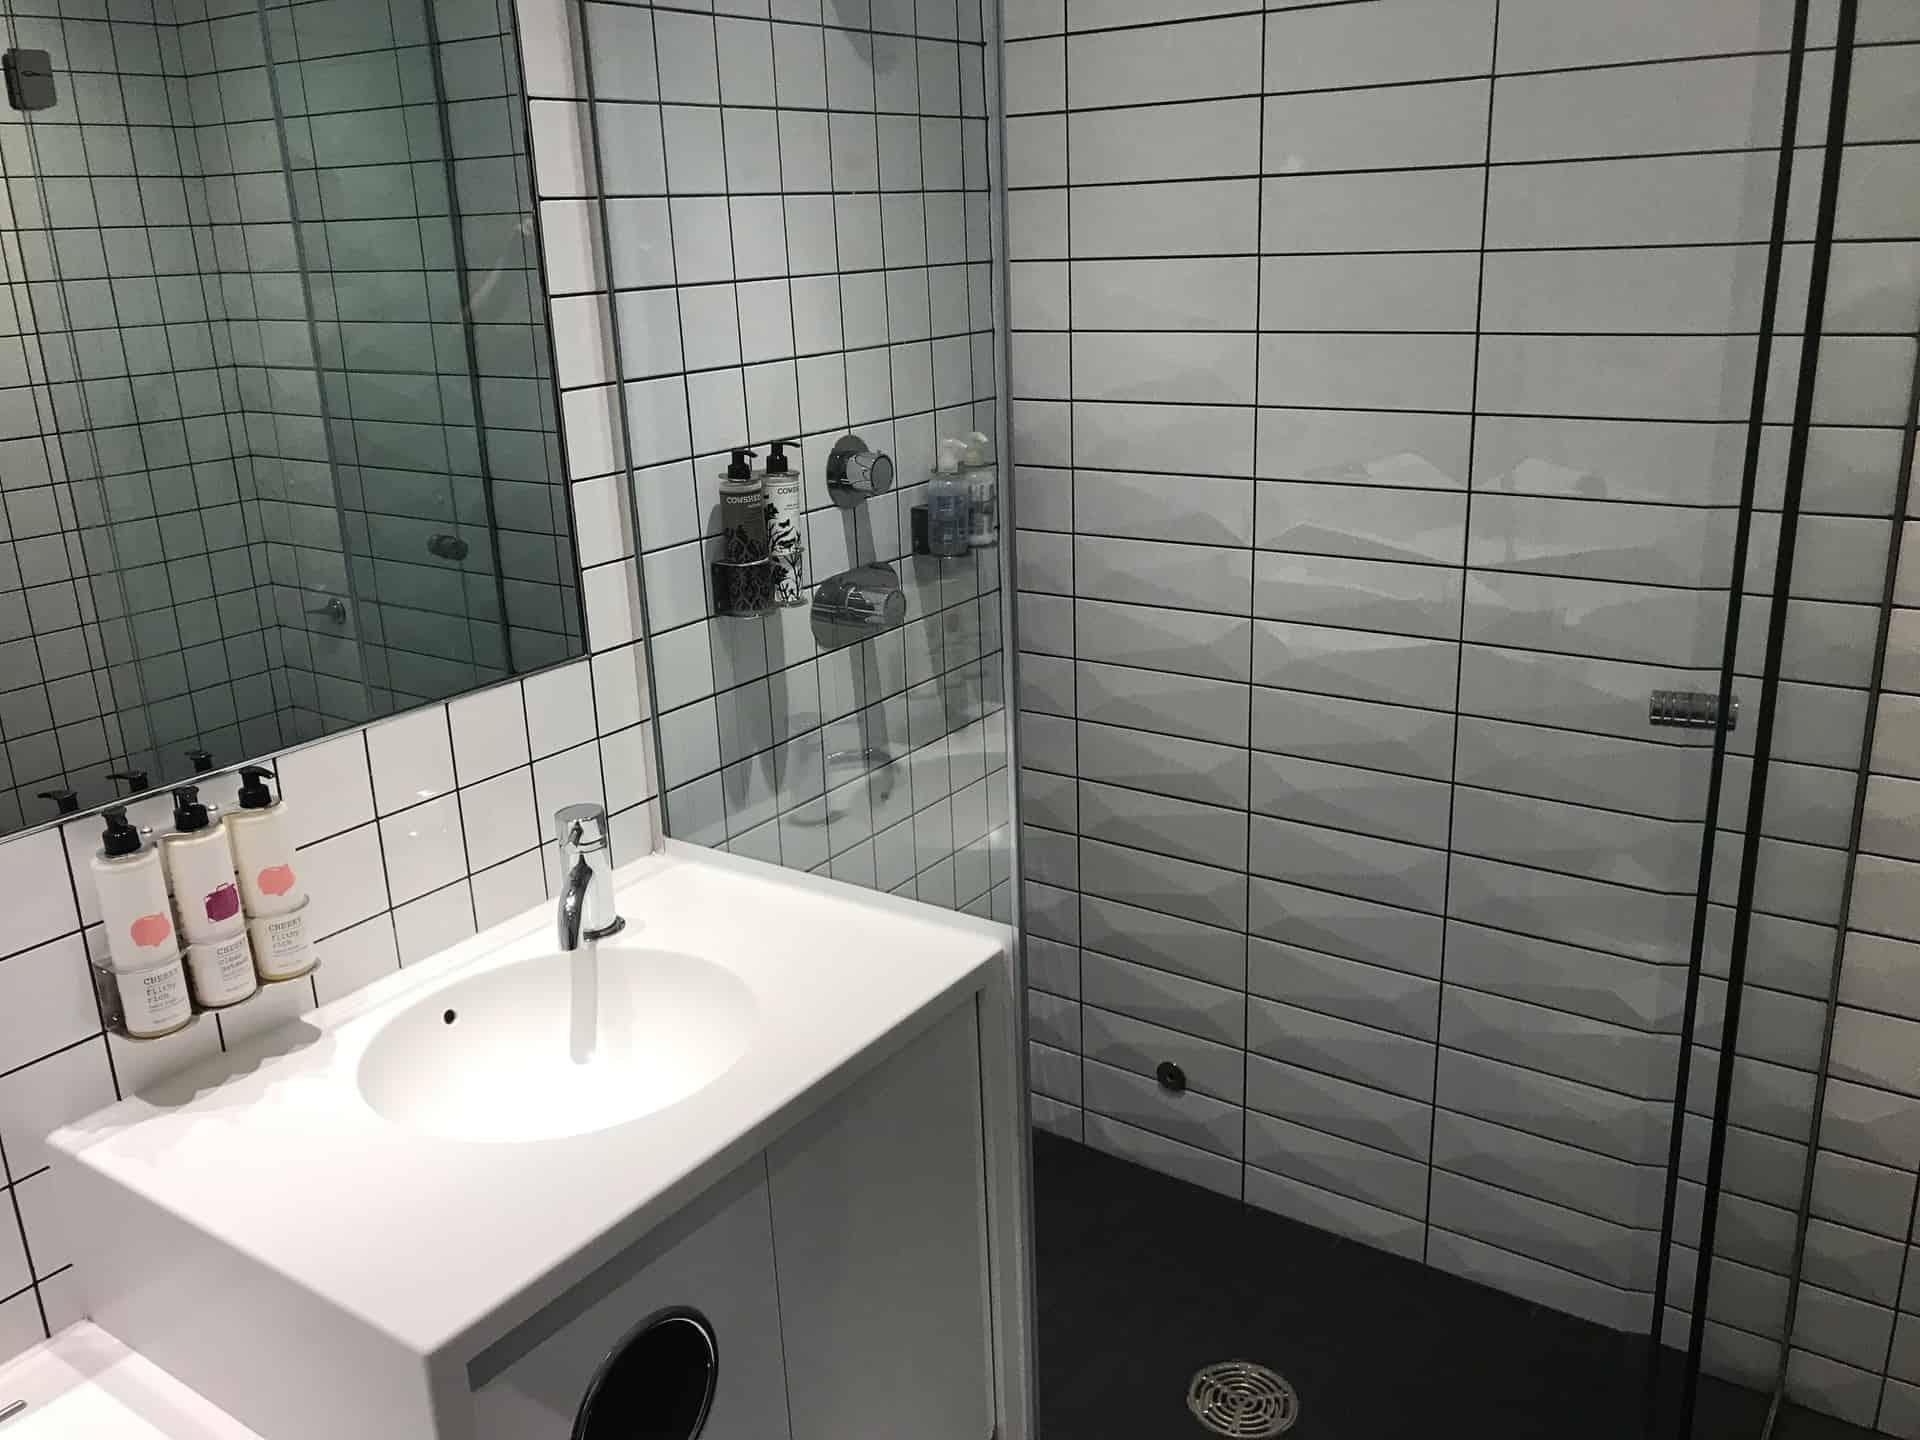 Shower room at LHR Virgin Arrivals Lounge